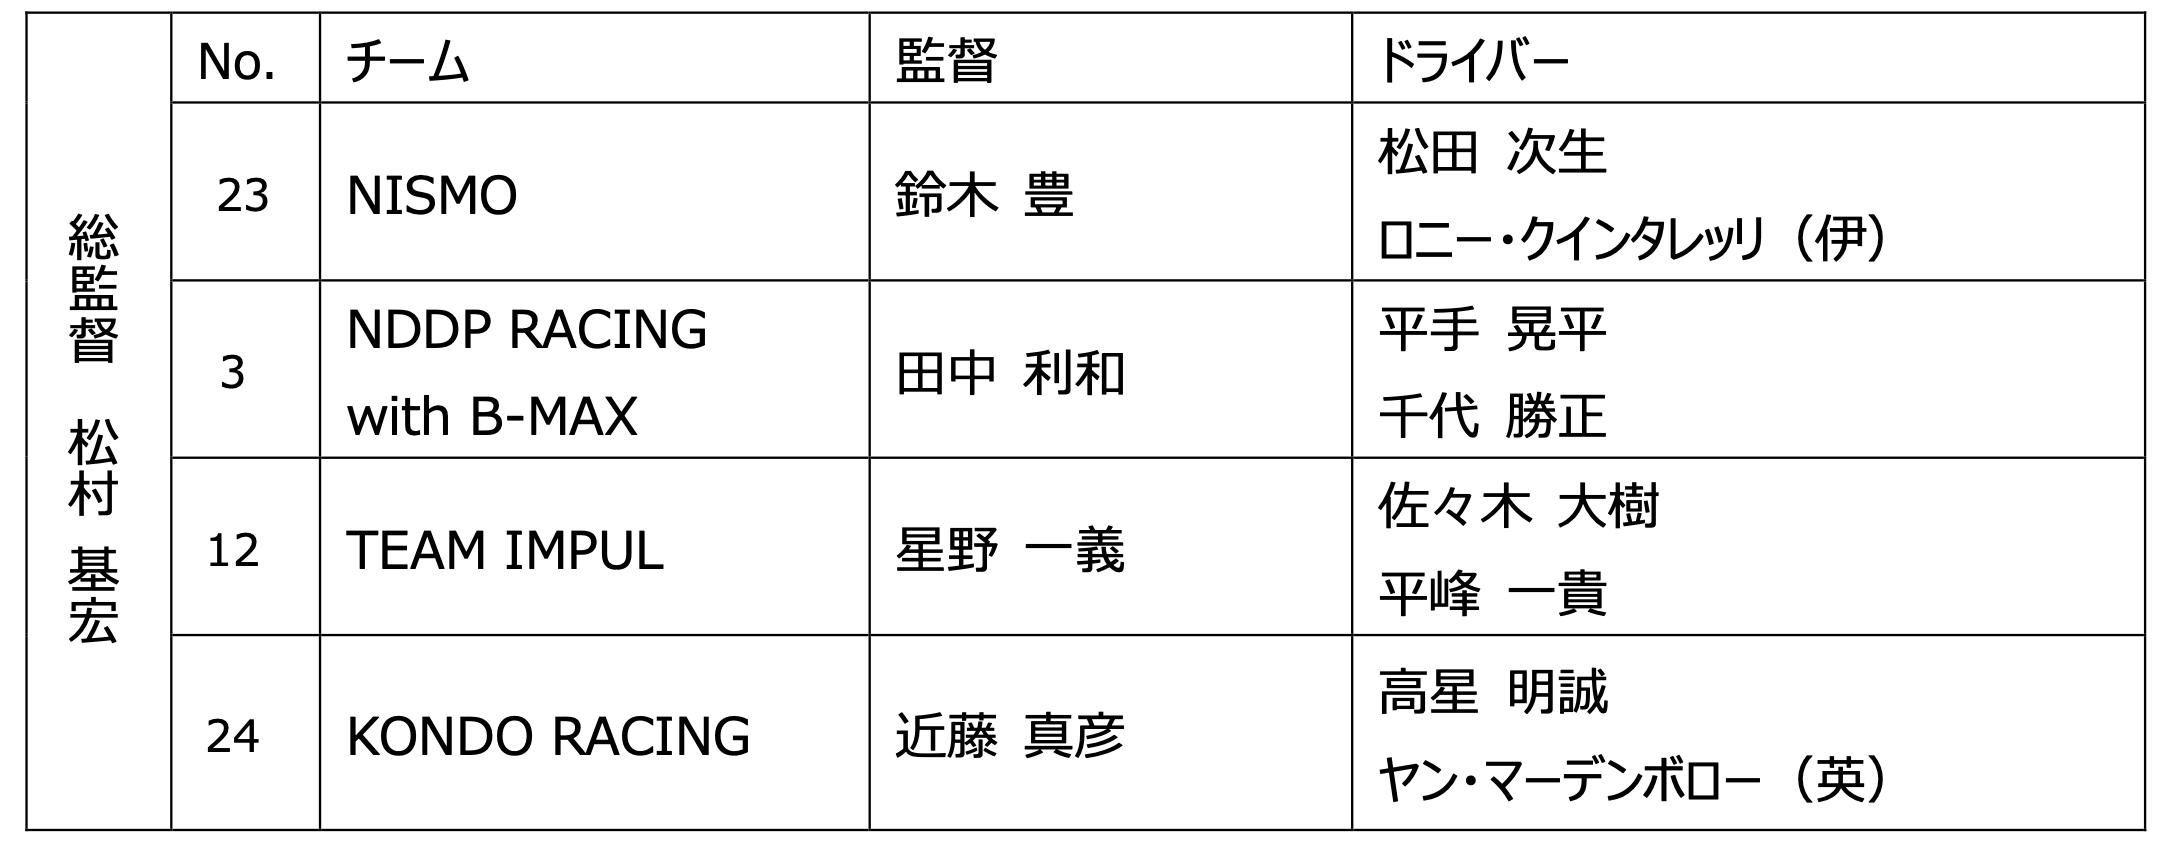 日産/ニスモ スーパーGT2020 GT500クラス参戦体制発表